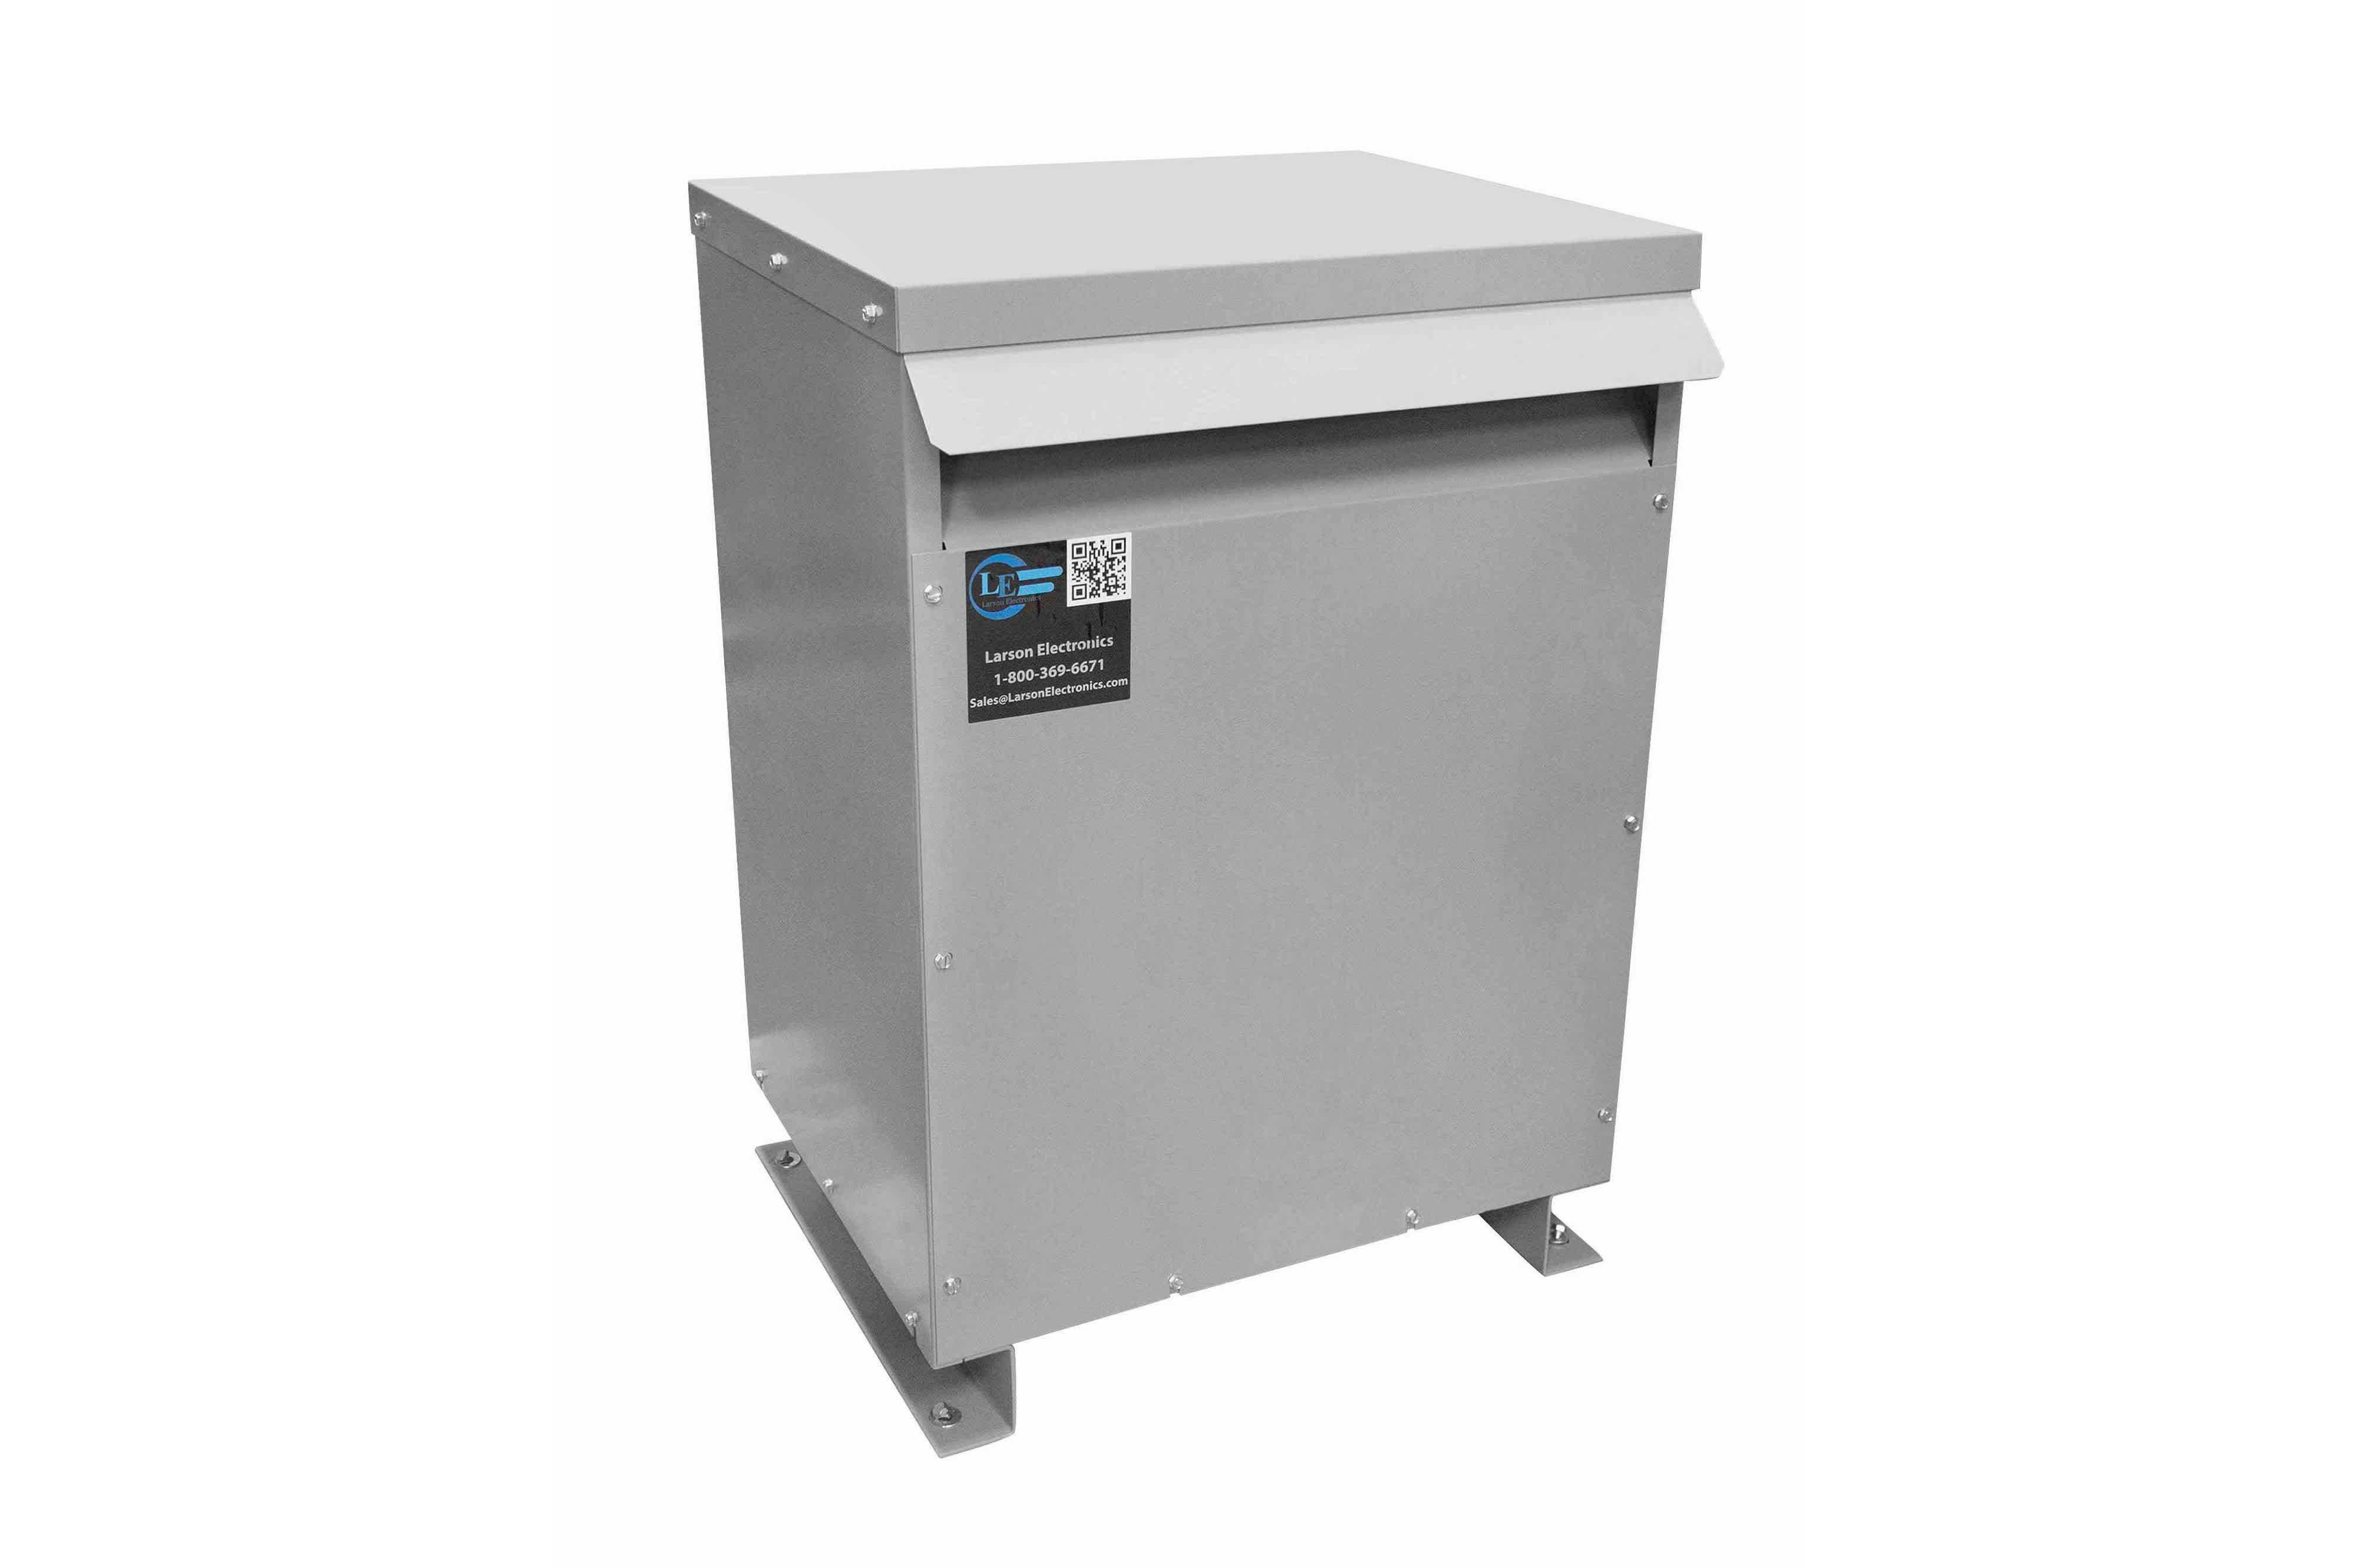 9 kVA 3PH Isolation Transformer, 240V Delta Primary, 208V Delta Secondary, N3R, Ventilated, 60 Hz